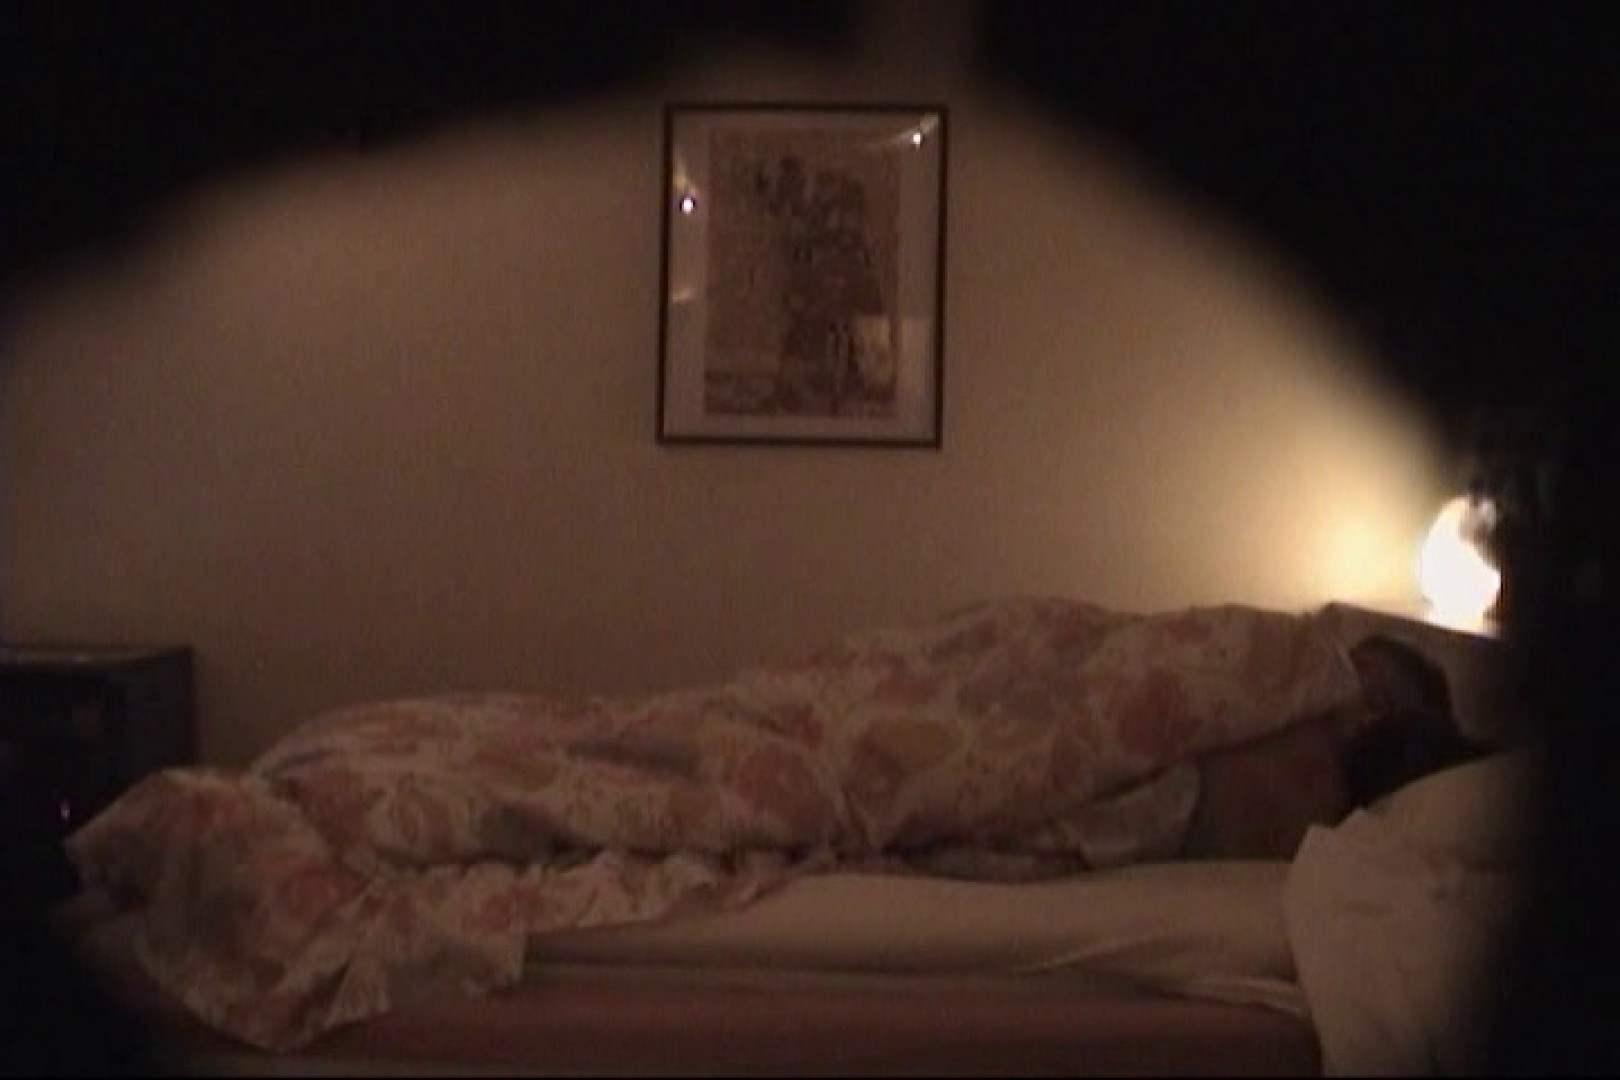 デリ嬢マル秘撮り本物投稿版④ ホテル  92連発 16